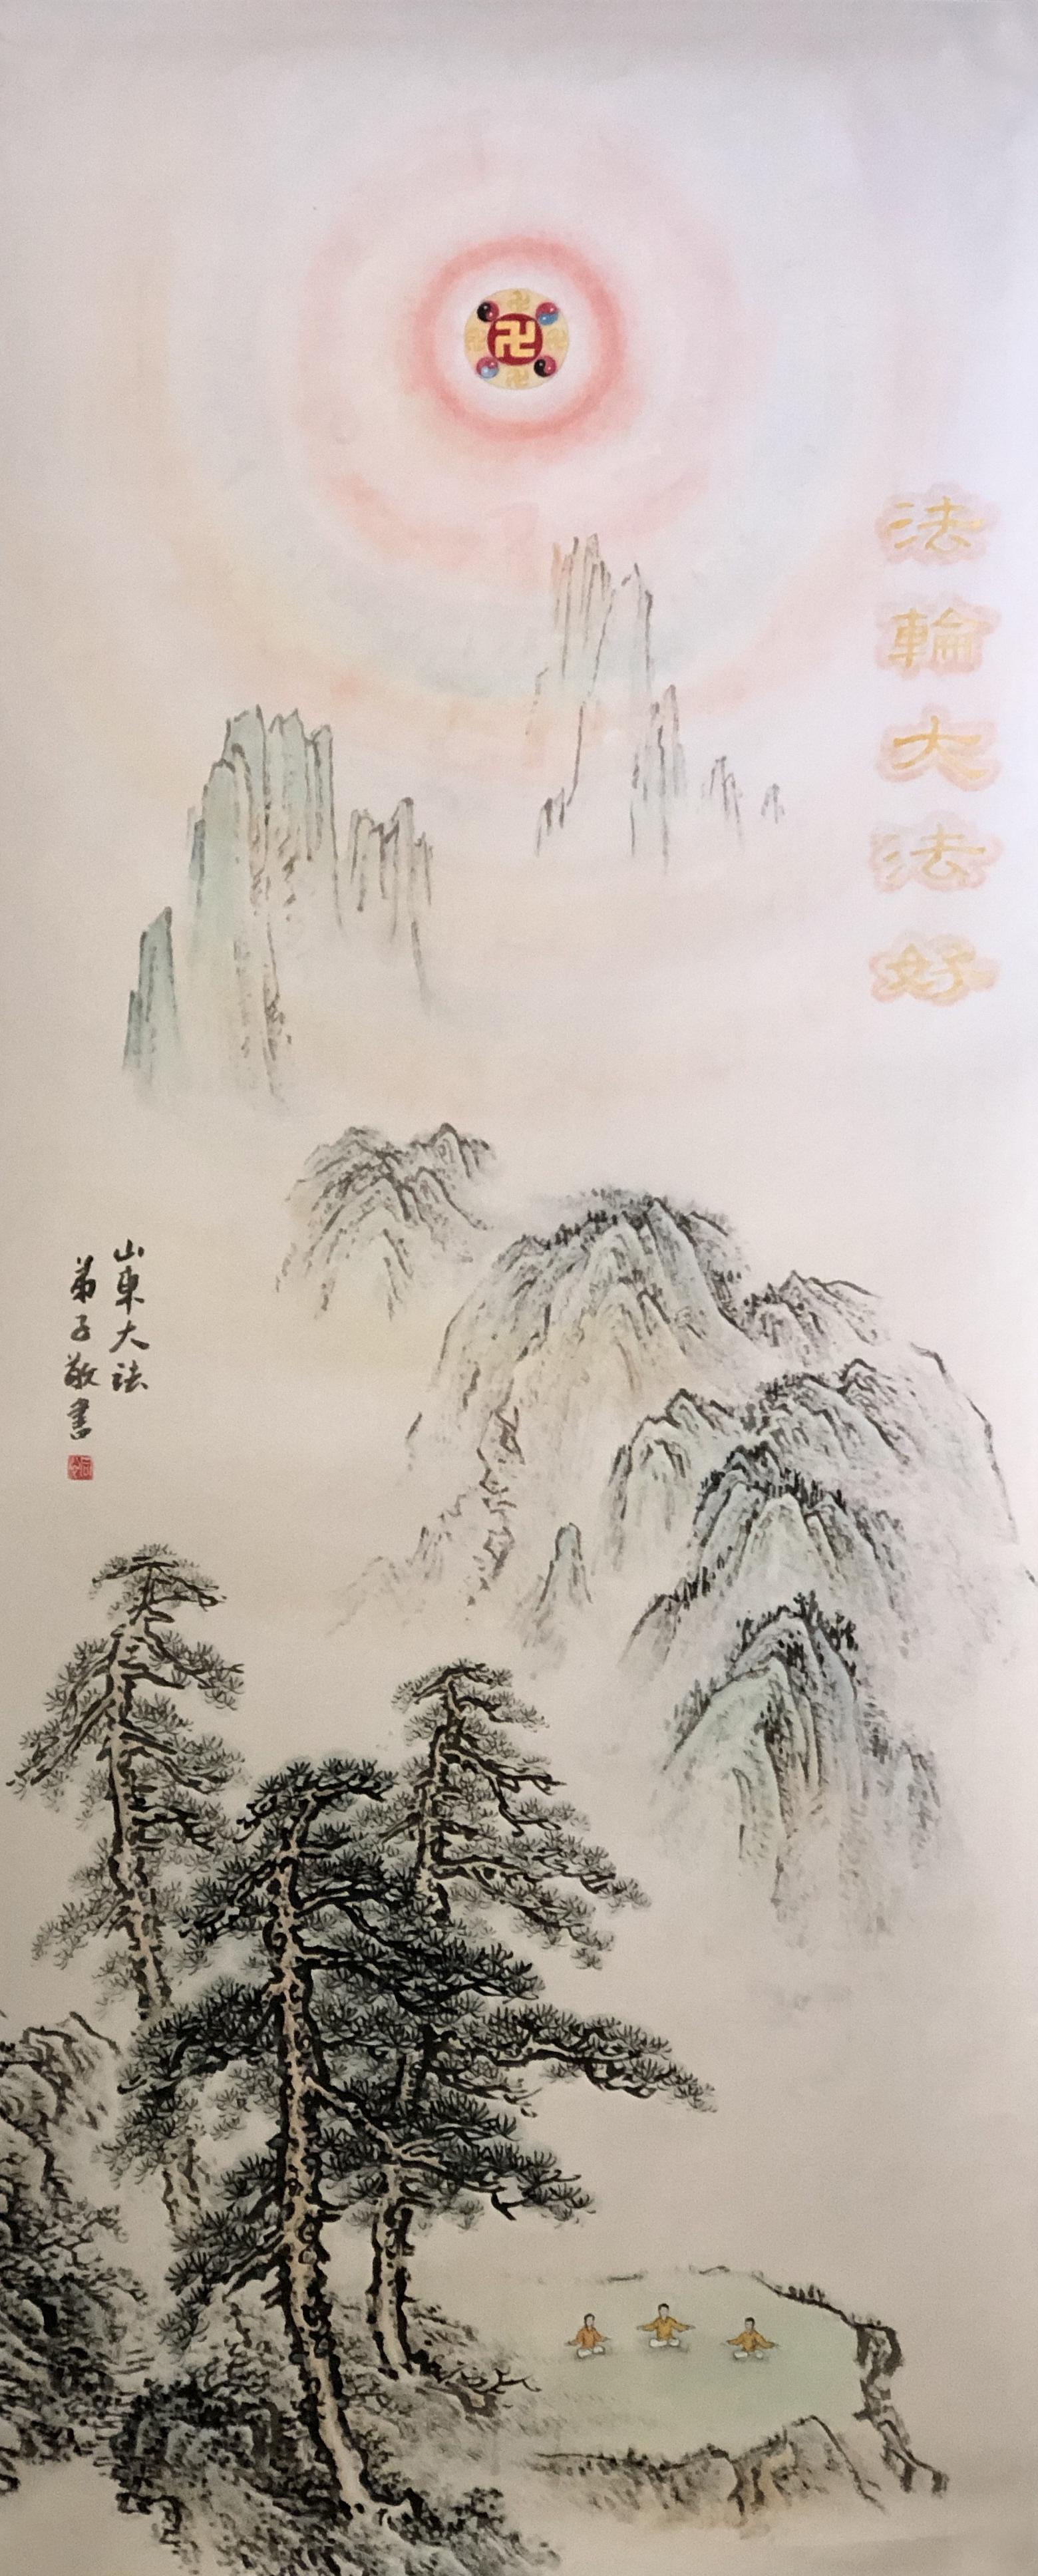 繪畫:昇華   作者:山東大法弟子 同心   來源: 明慧網